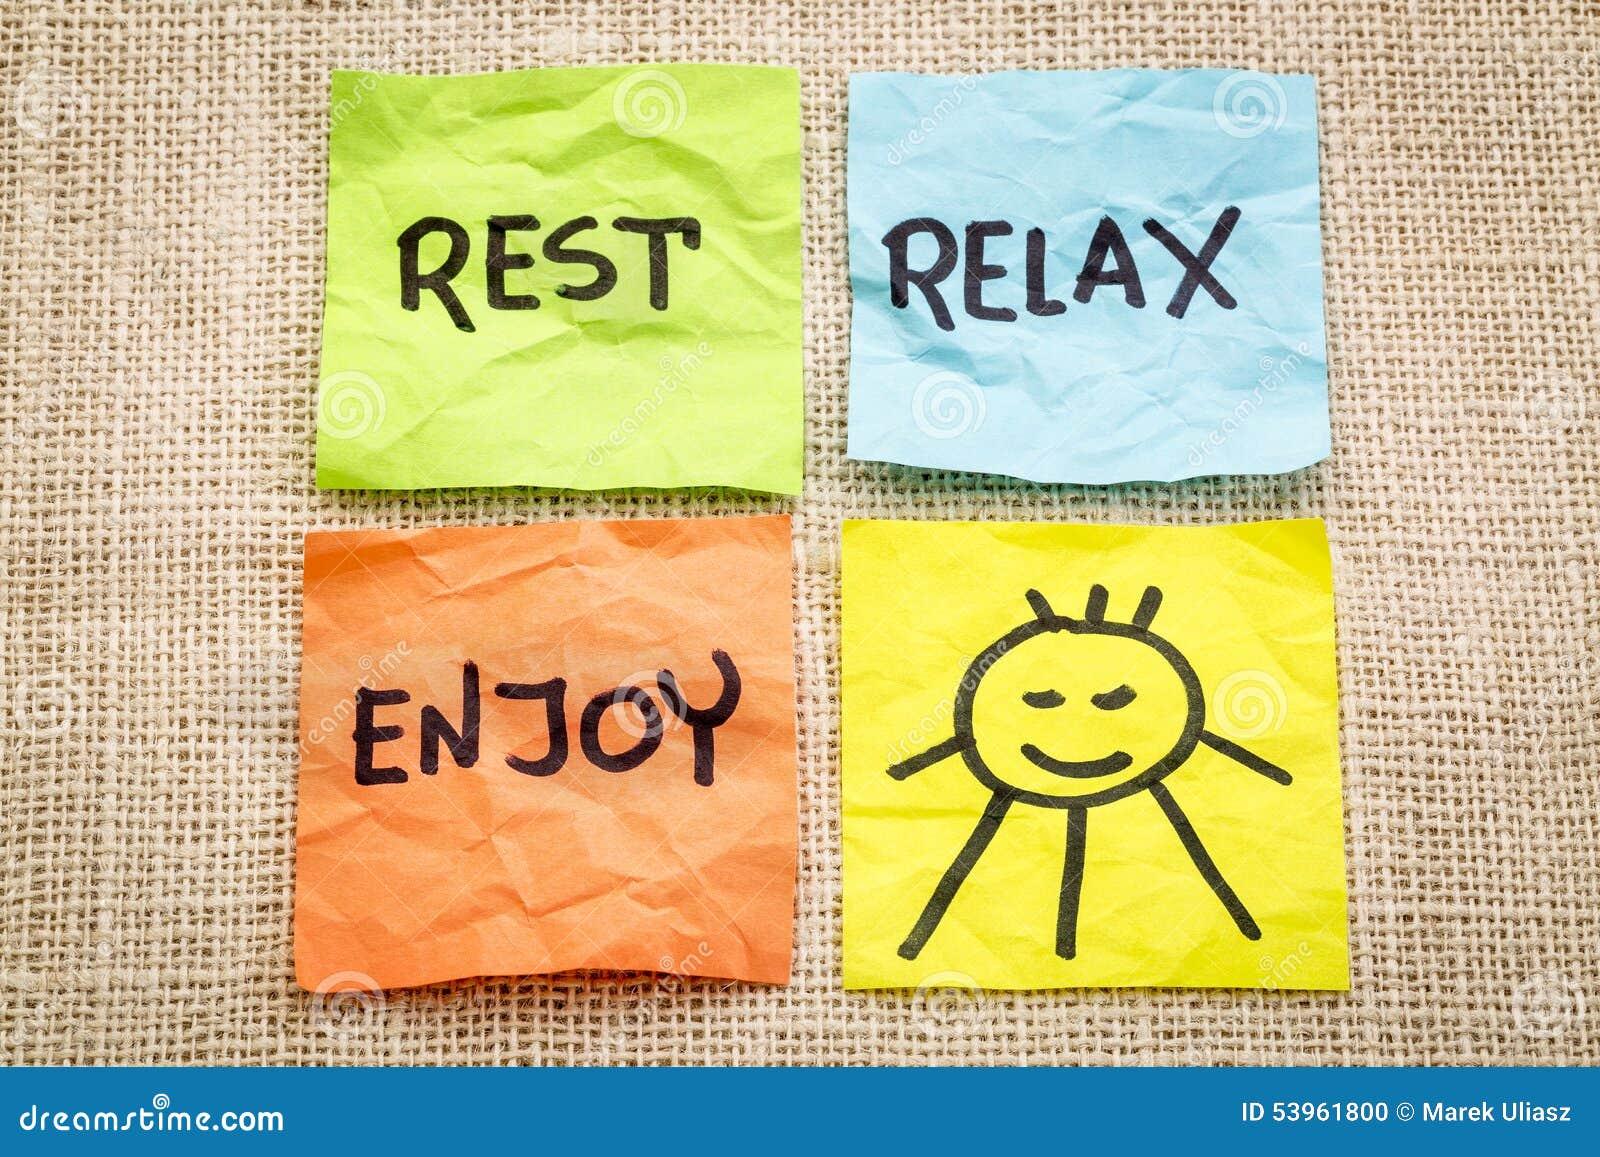 Resultado de imagen para rest and relax